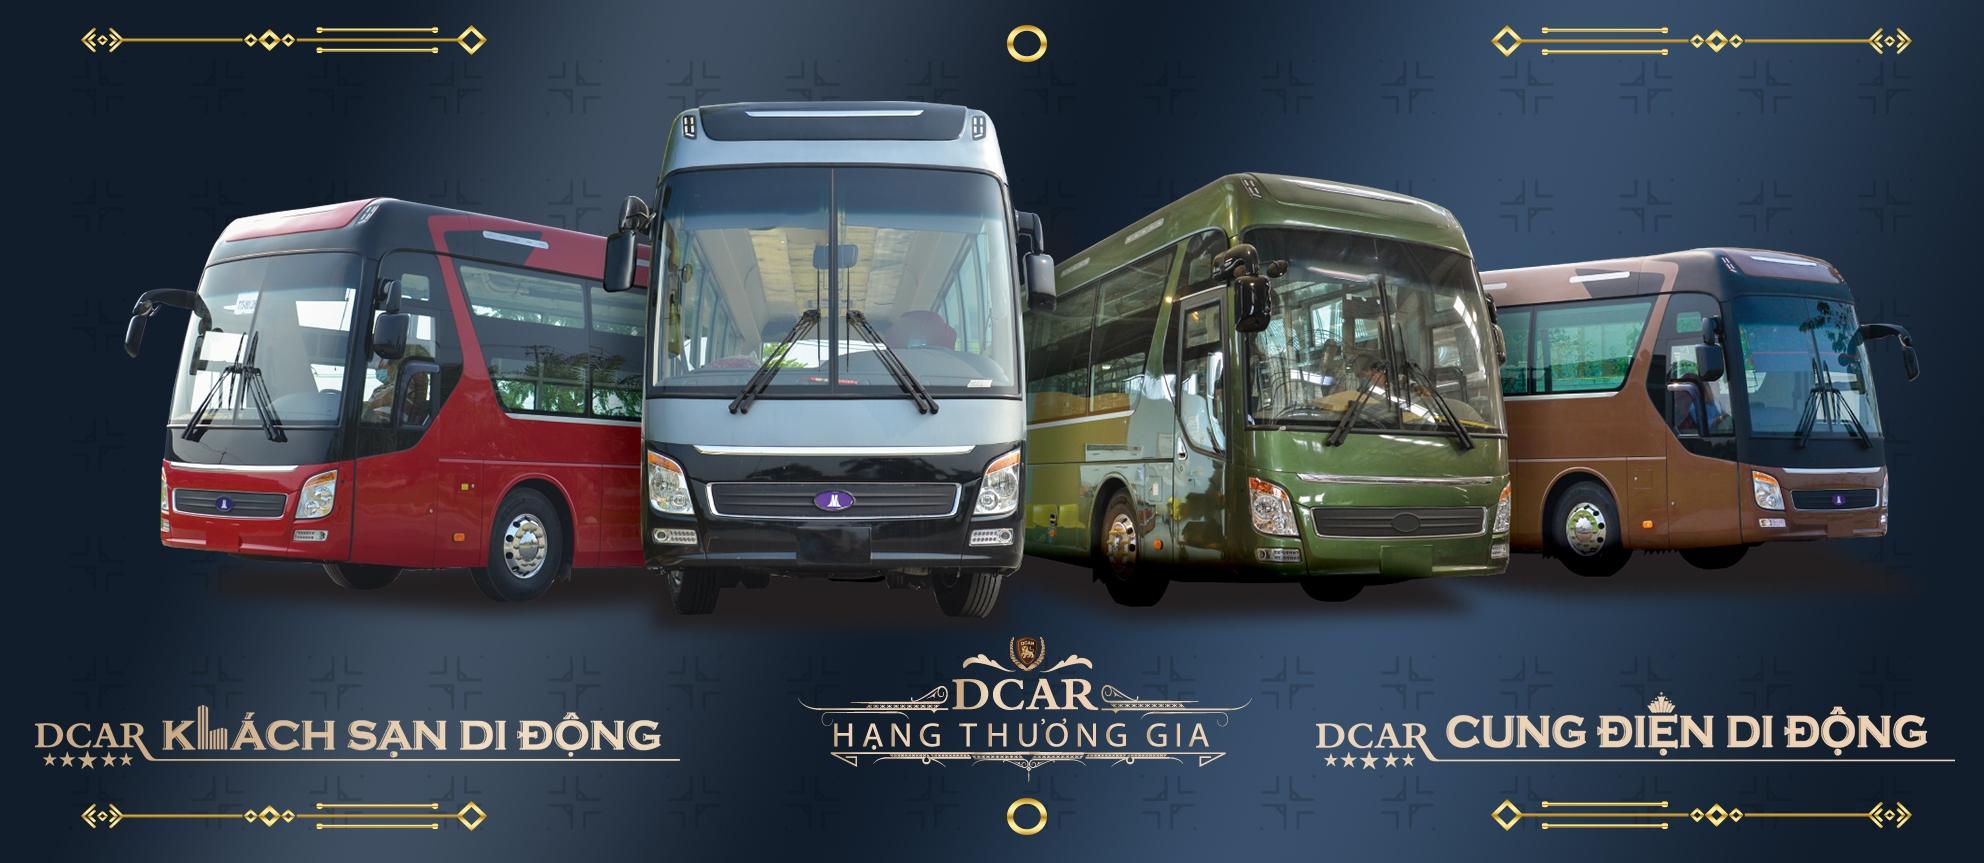 Một cái nhìn tổng thể về ba dòng xe mới của DCar